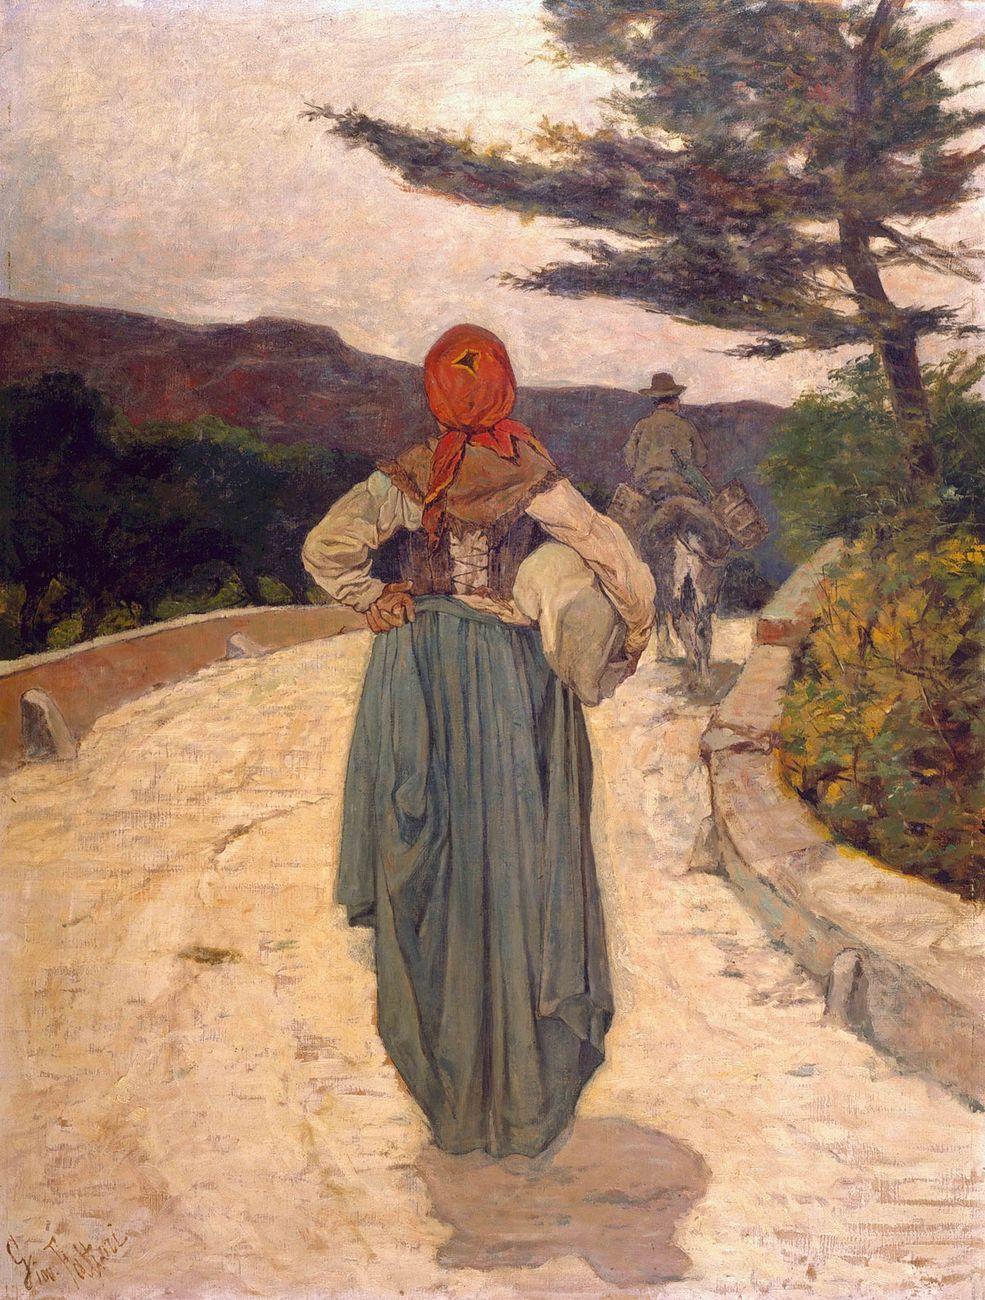 Giovanni Fattori, La strada bianca, 1887 ca., olio su tela, cm 95x73. Viareggio, Istituto Matteucci